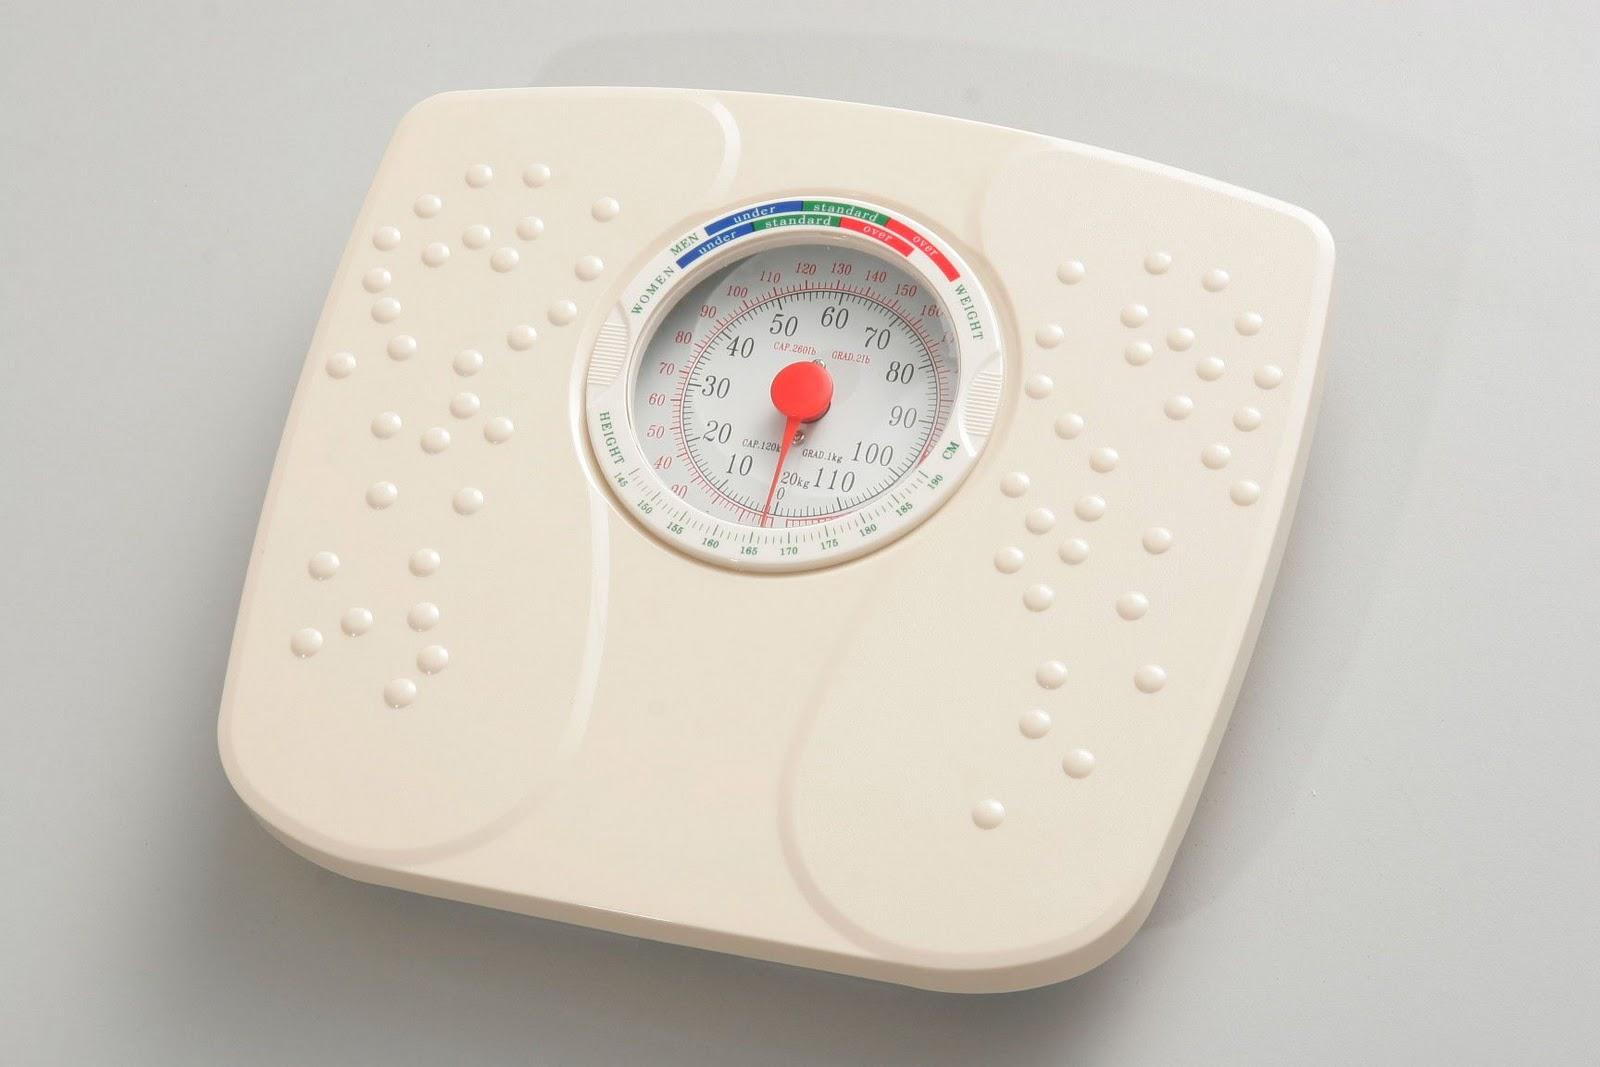 Balança p/ banheiro 120 kg mod. 2 cores: Branca/Preta R$ 27 60 Cx c  #C40A07 1600x1067 Balança Para Banheiro